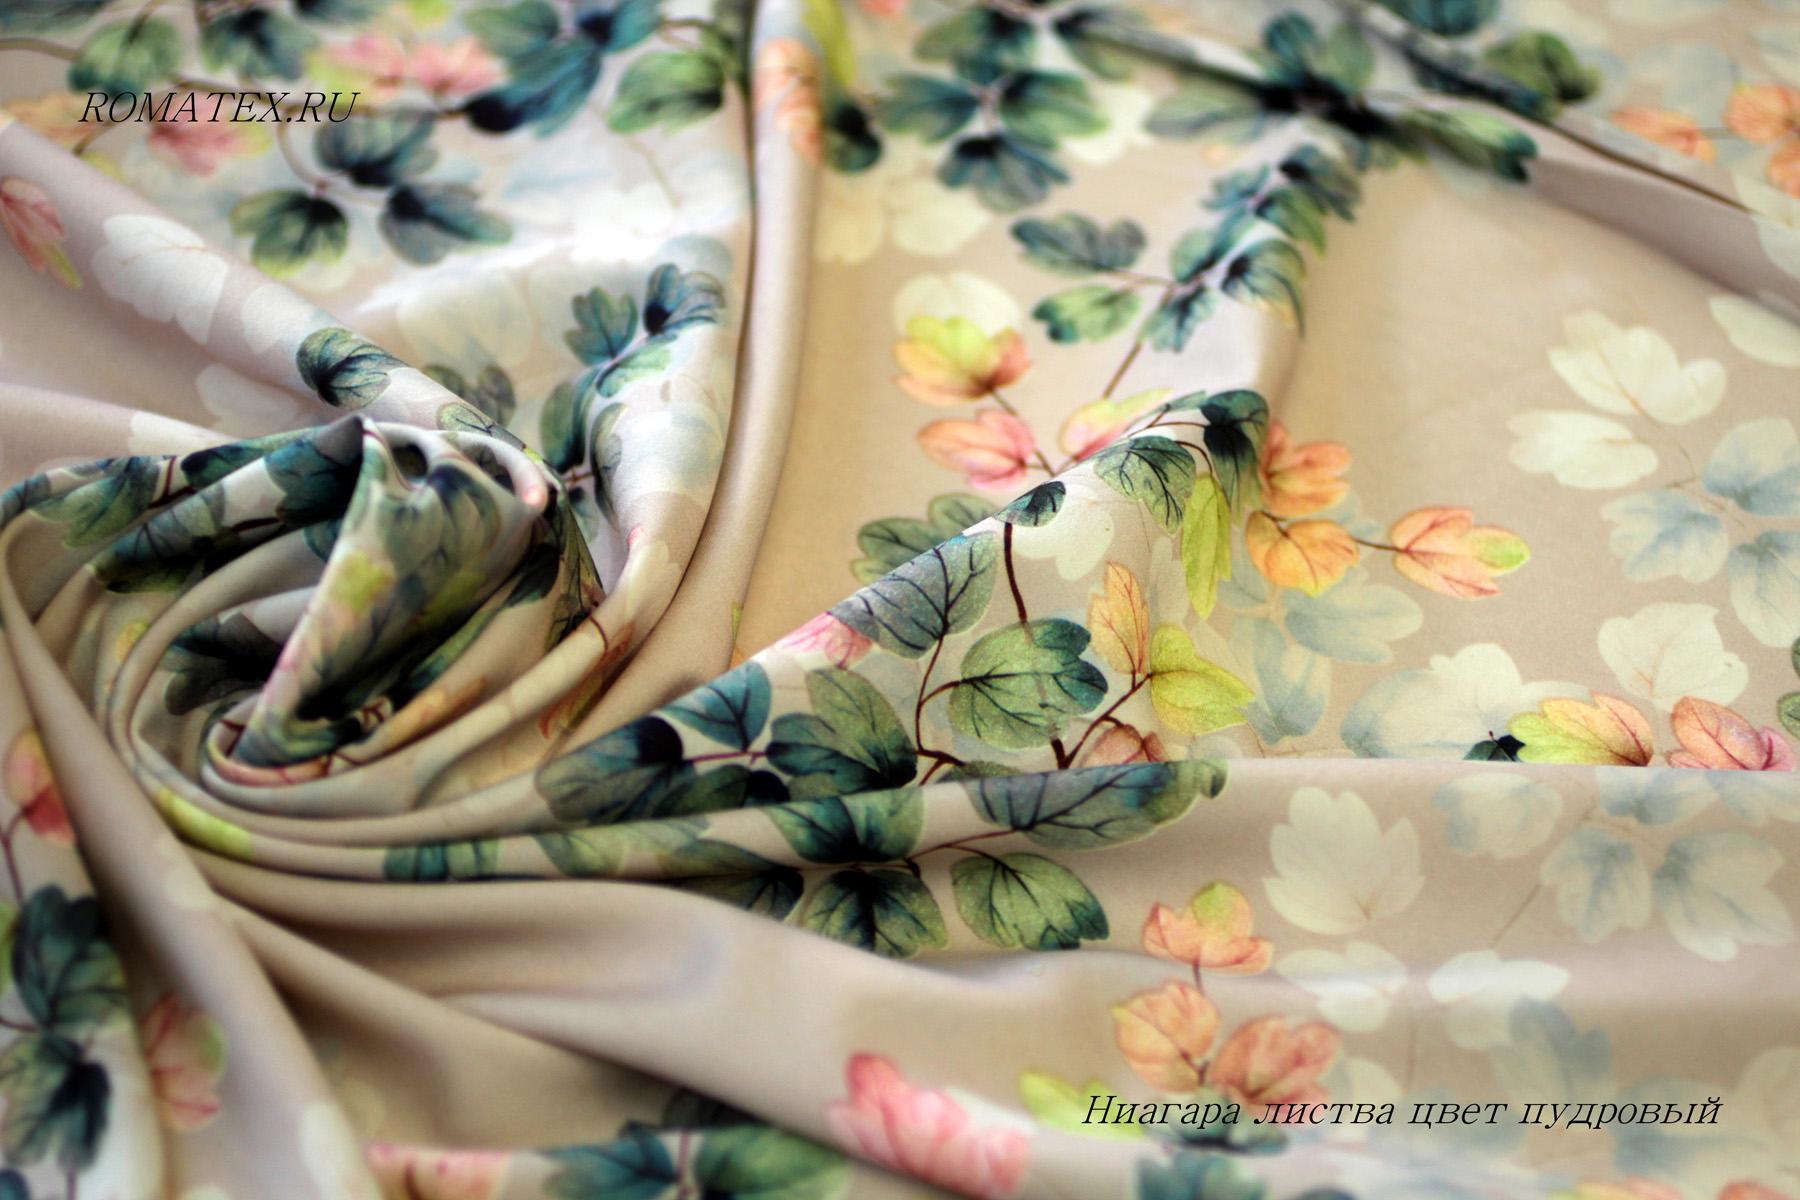 Ниагара супер софт листва цвет пудровый